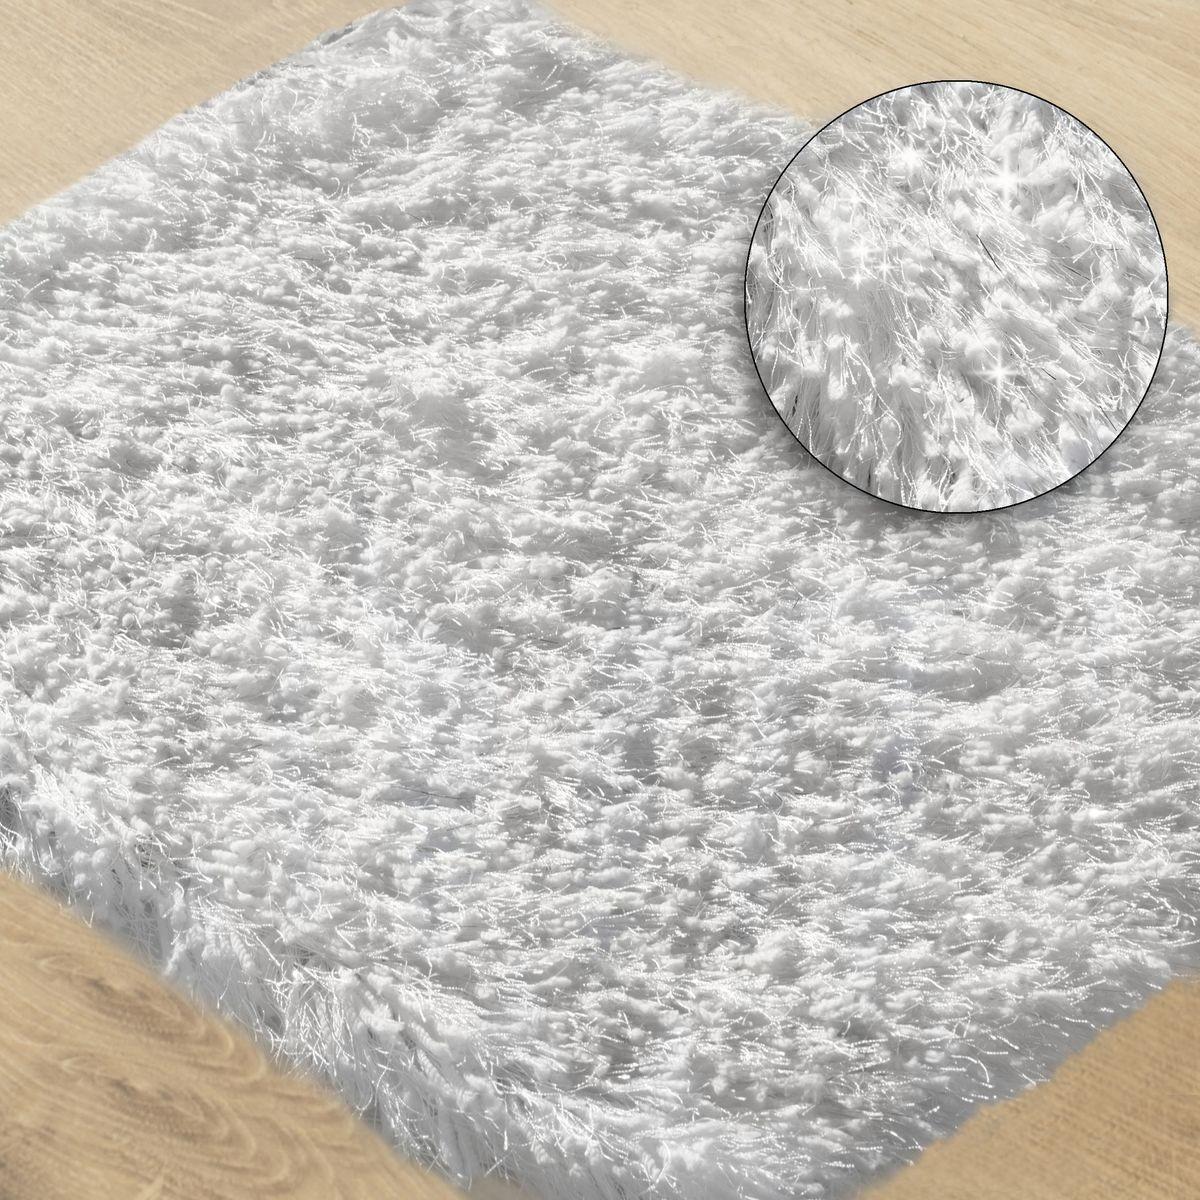 DomTextilu Biely kúpeľňový koberec so striebornou niťou 50 x 70 cm Šírka: 50 cm | Dĺžka: 70 cm 44467-208044